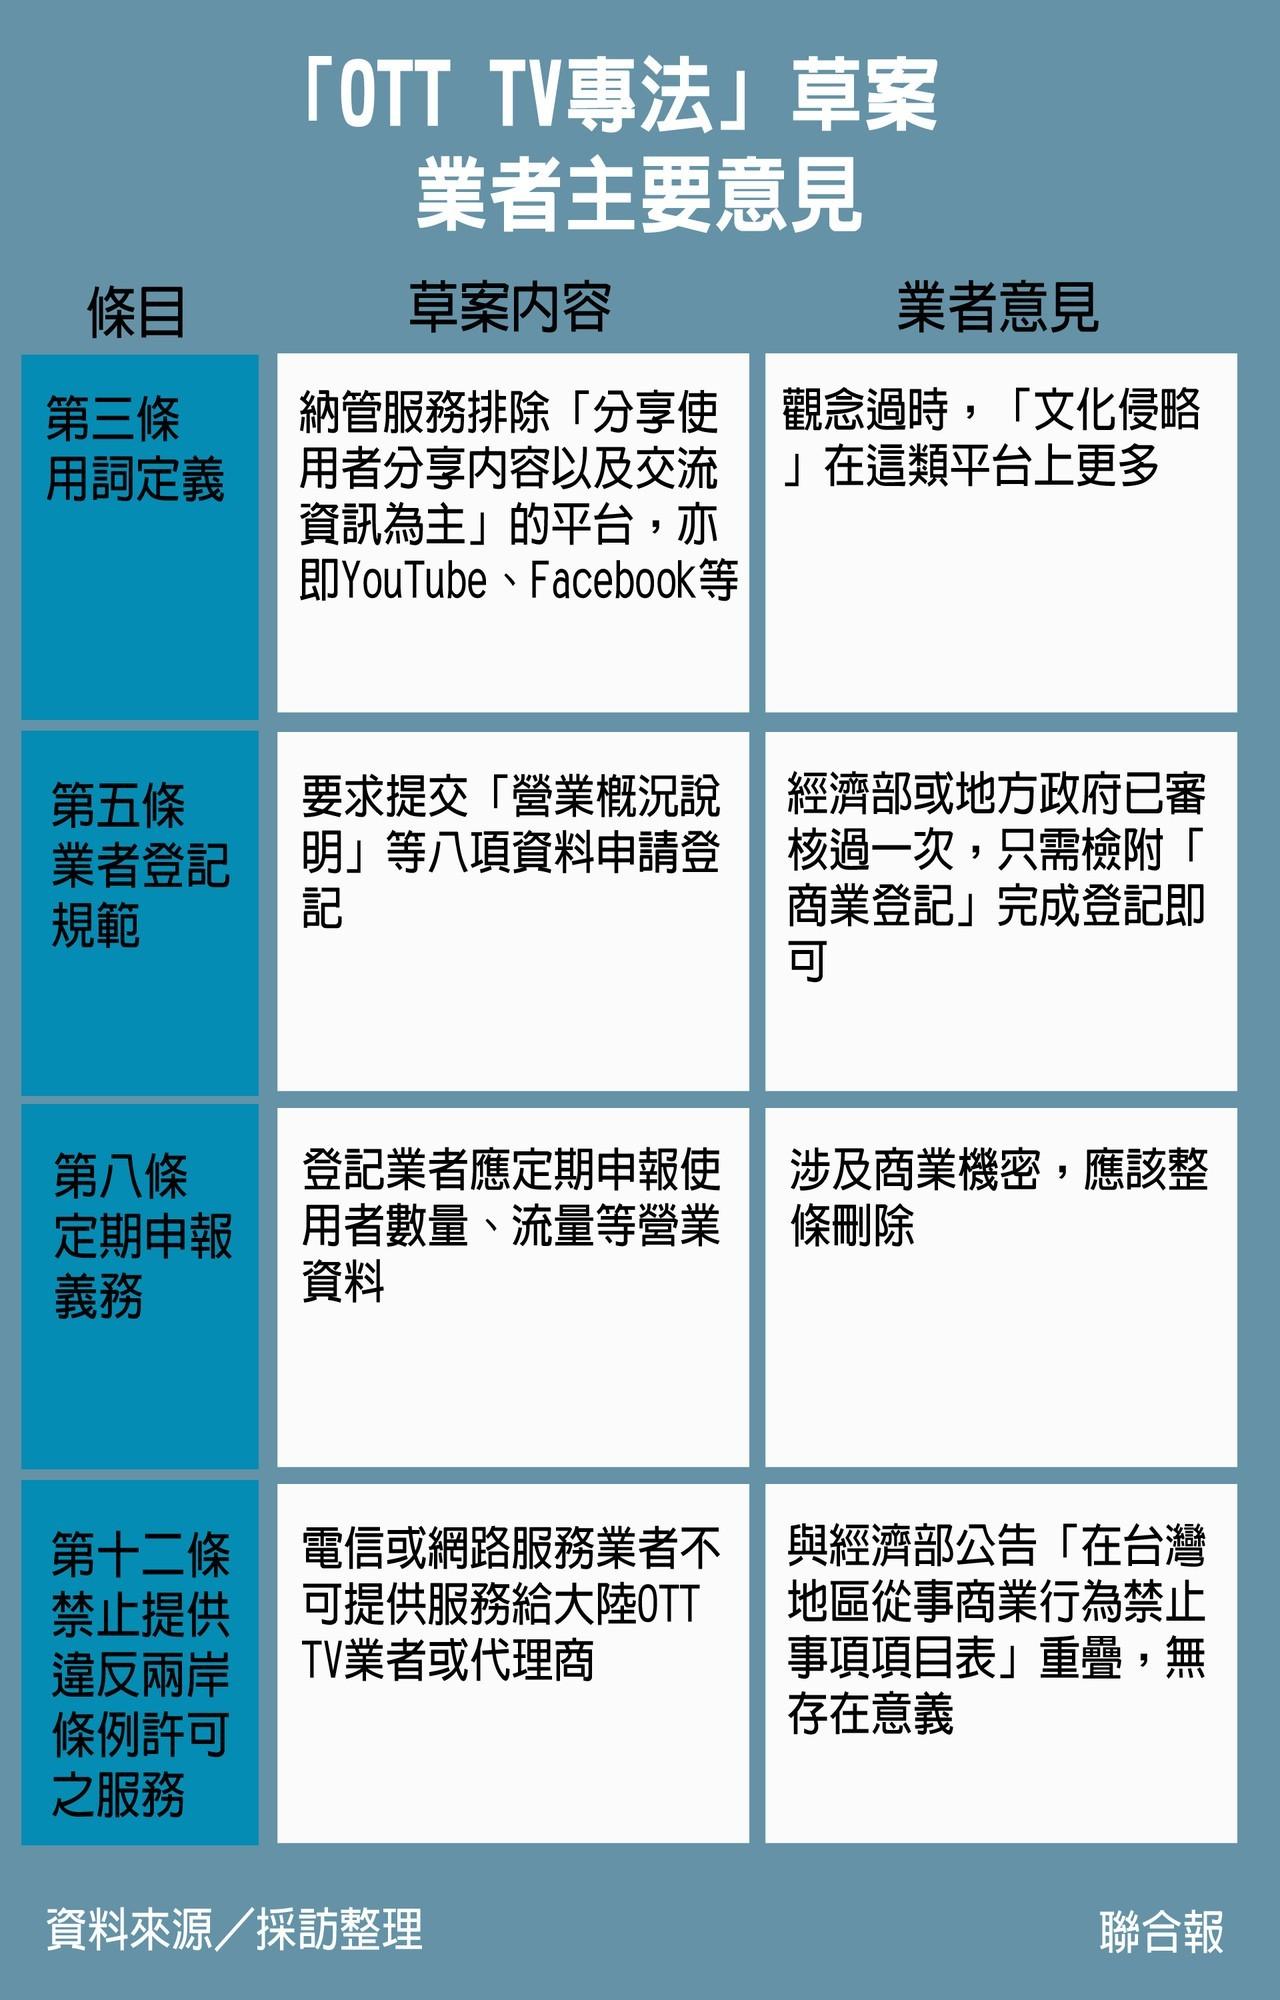 「OTT TV專法」草案 業者主要意見。資料來源/採訪整理